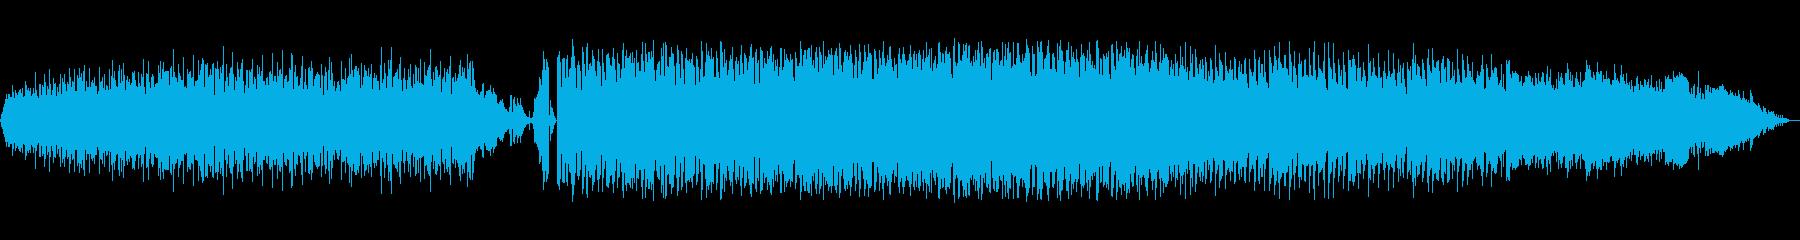 重々しく不安定なバットエンディング楽曲の再生済みの波形